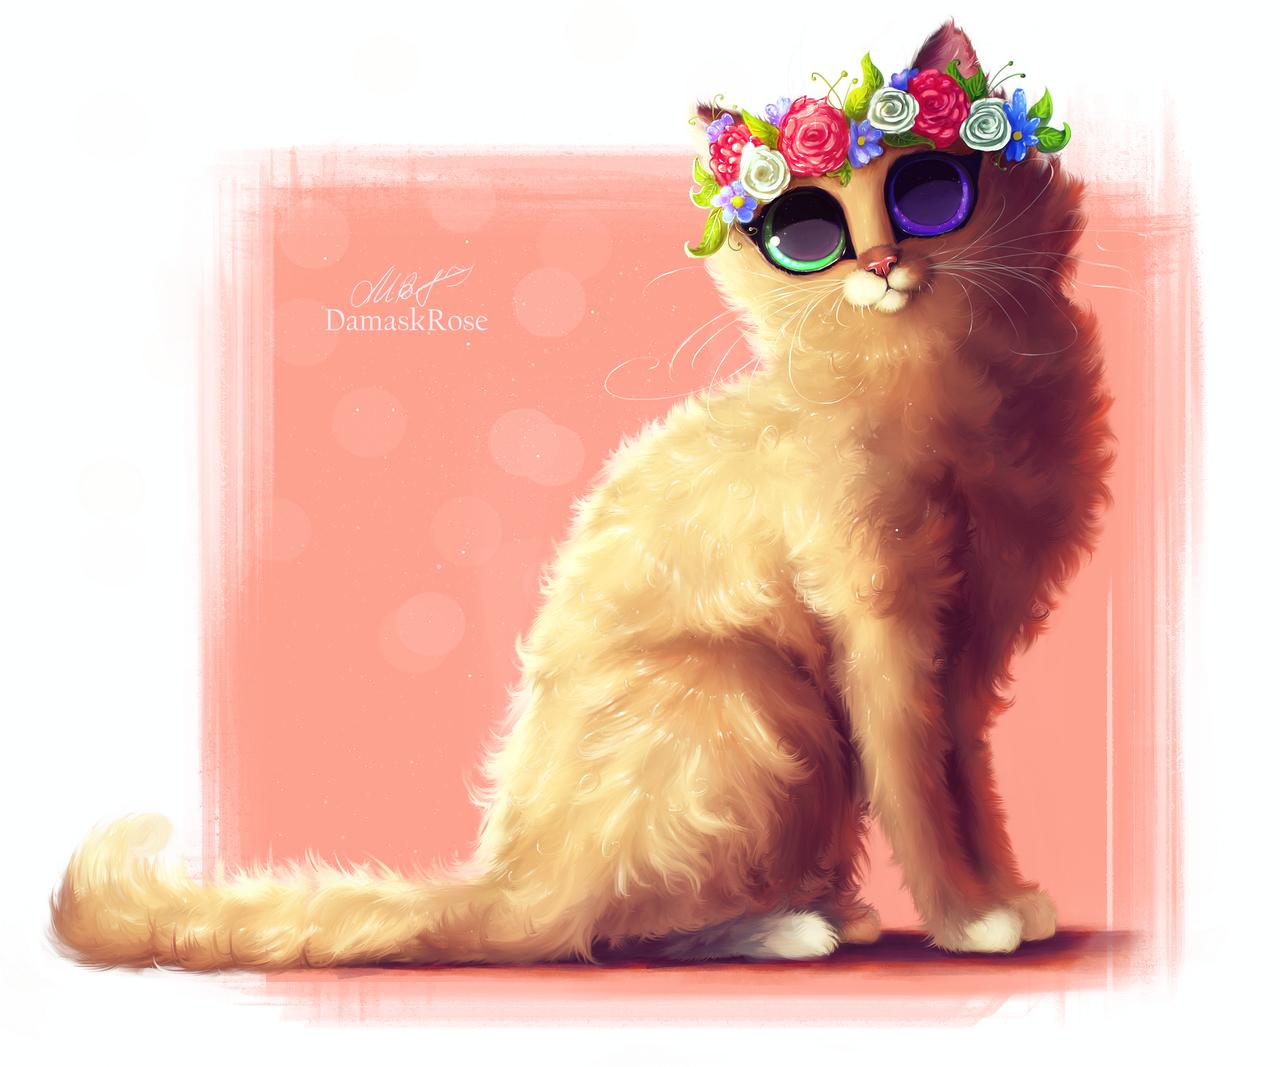 Фото Кошка с разноцветными глазами в веночке, by DamaskRose0503